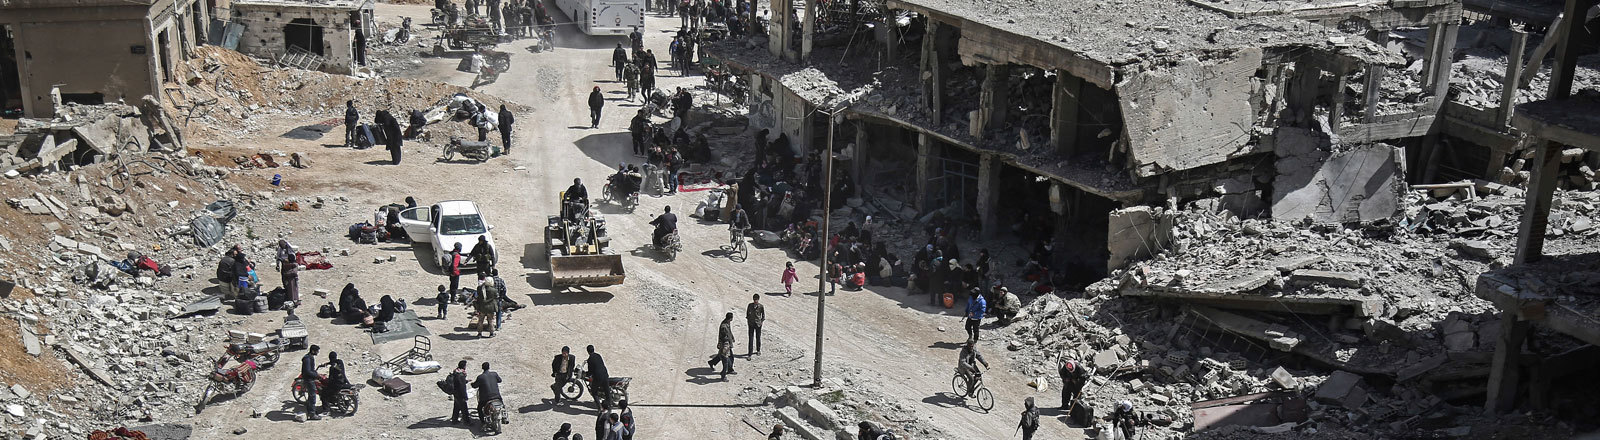 Eine zerstörte Stadt in Syrien